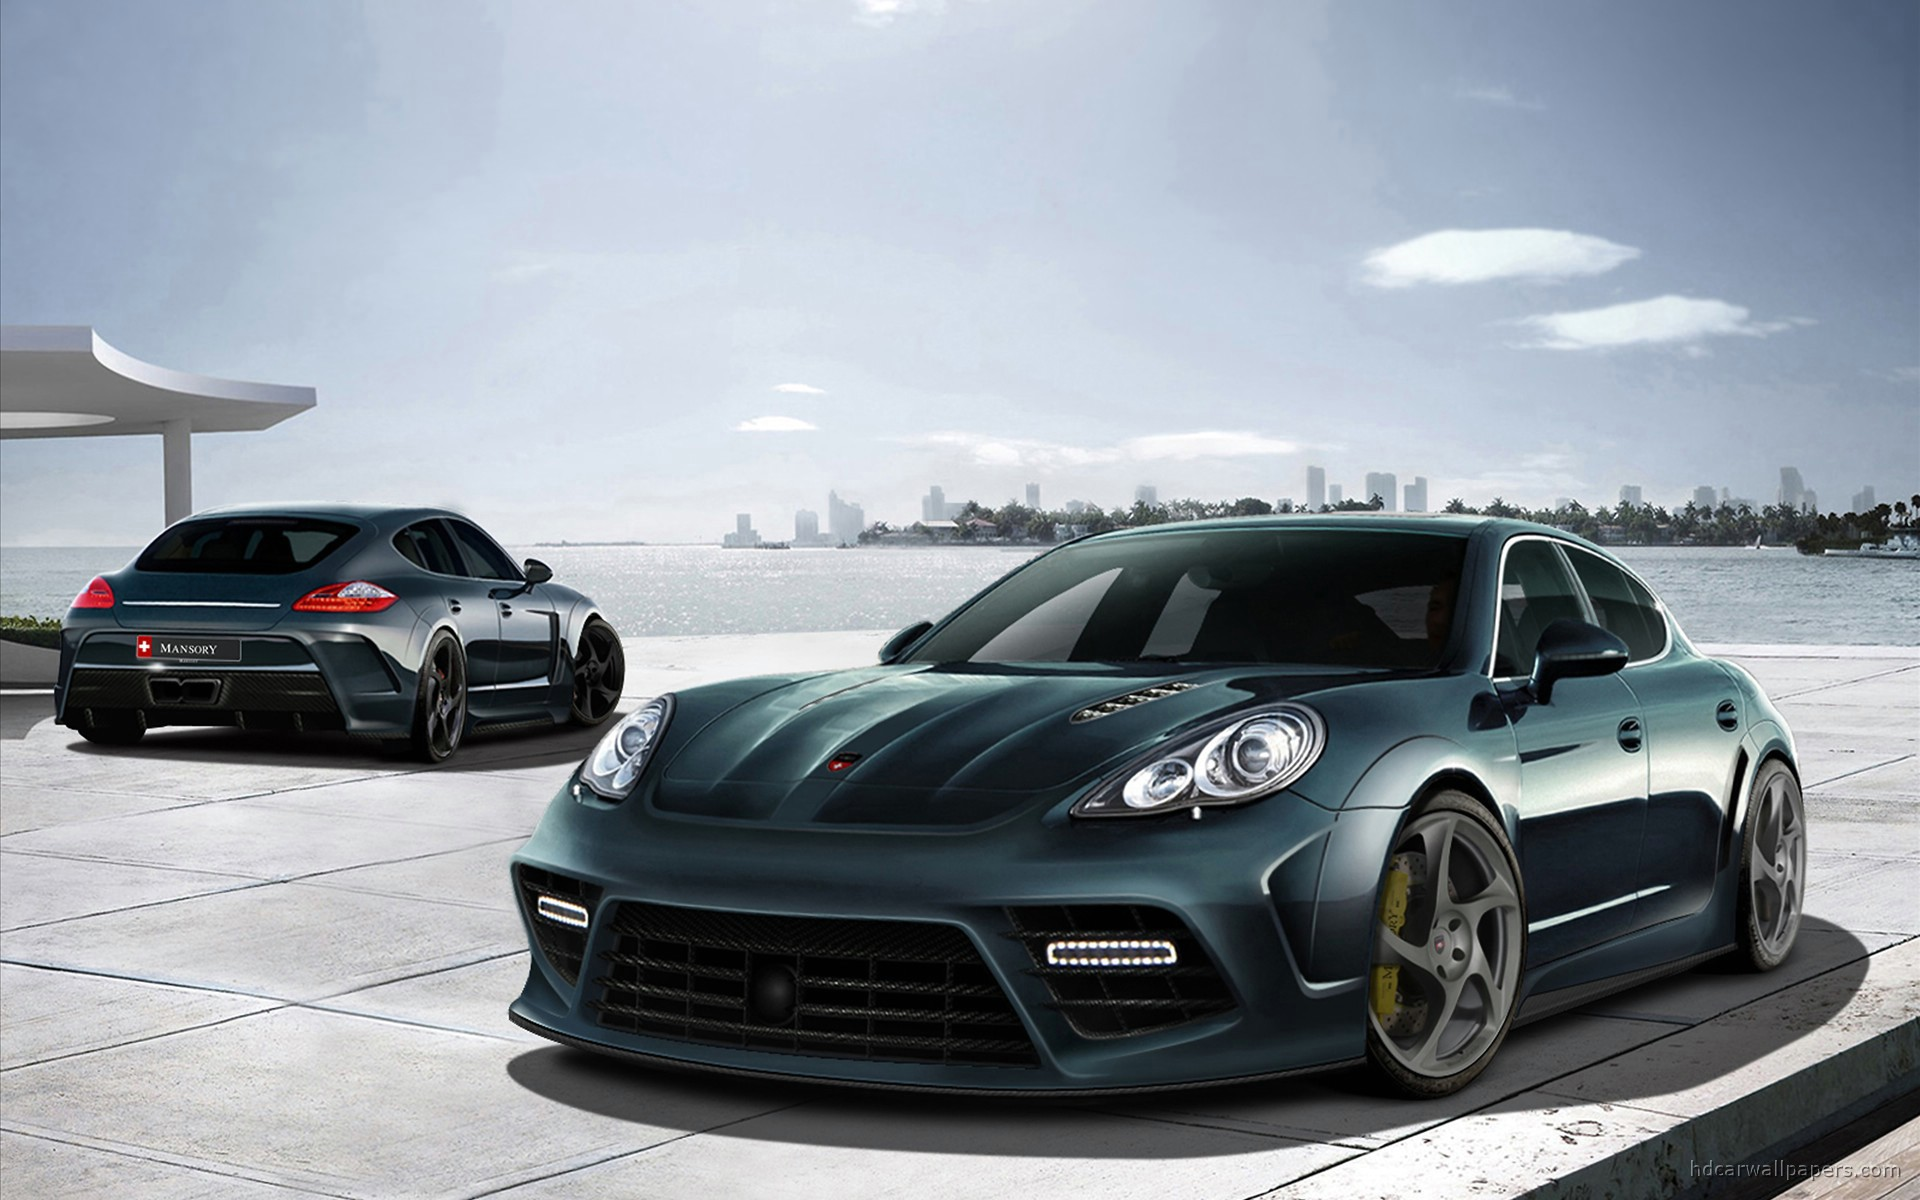 Free Porsche Panamera Wallpaper 39208 1920x1200 px